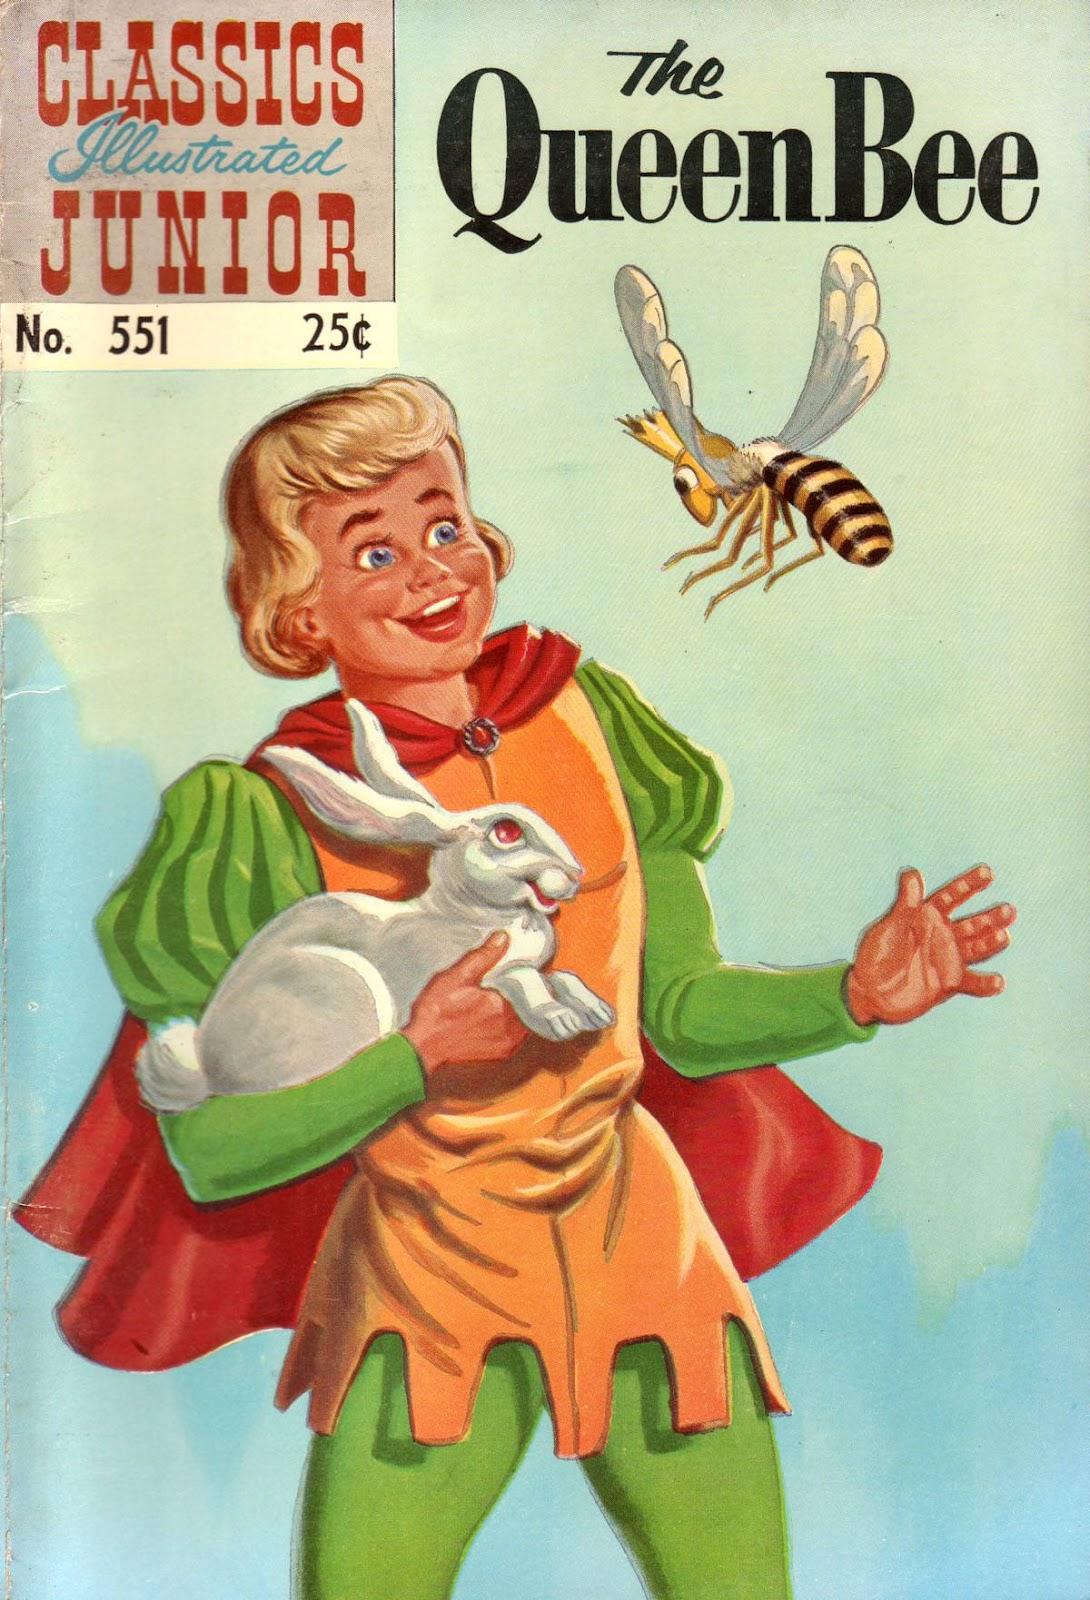 Classics Illustrated Junior 551 Page 1